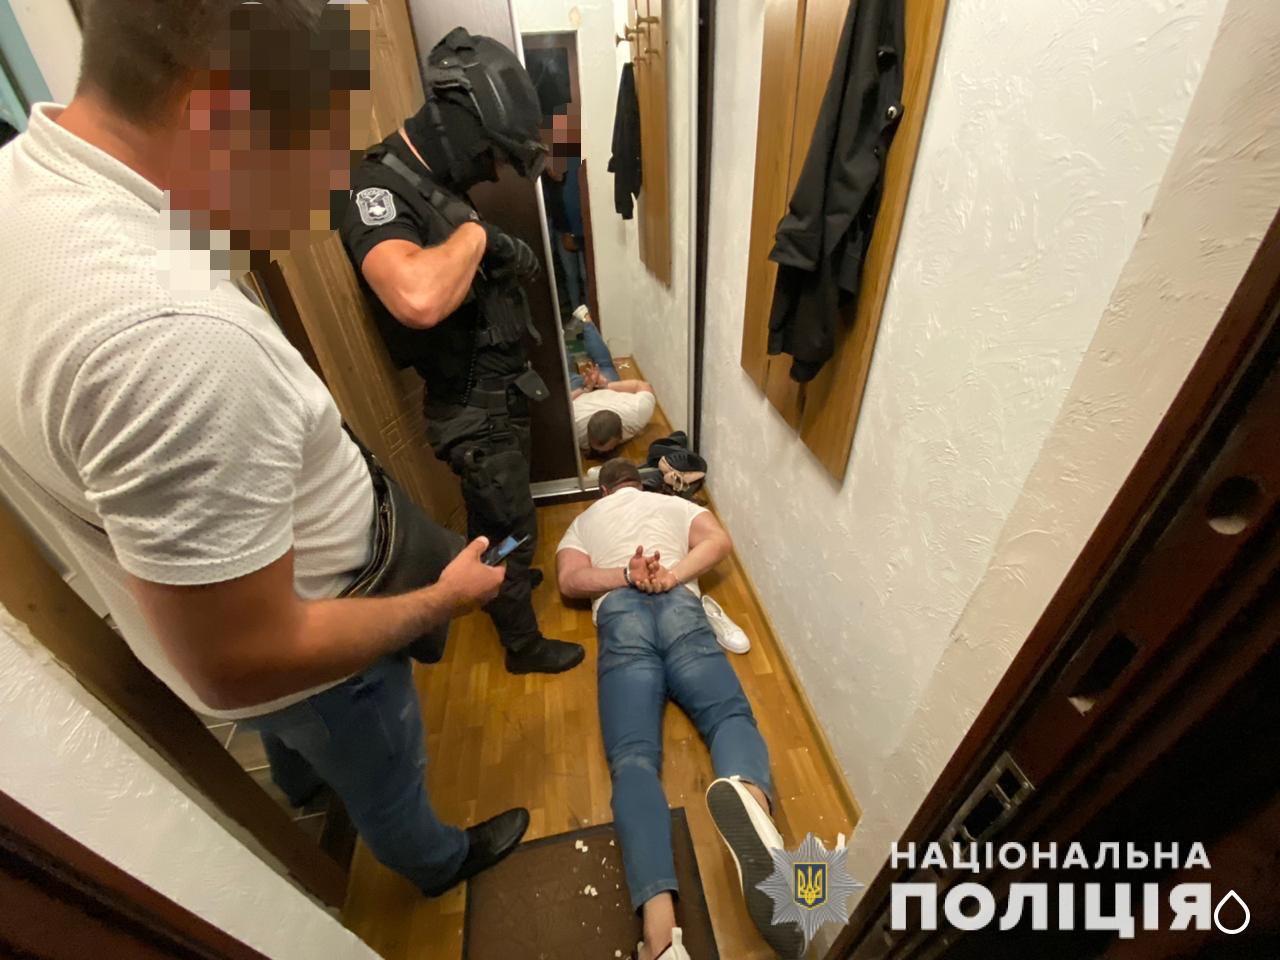 На Закарпатті група злочинців шантажувала чоловіків розповсюдженням їх інтимних відео (ФОТО, ВІДЕО)